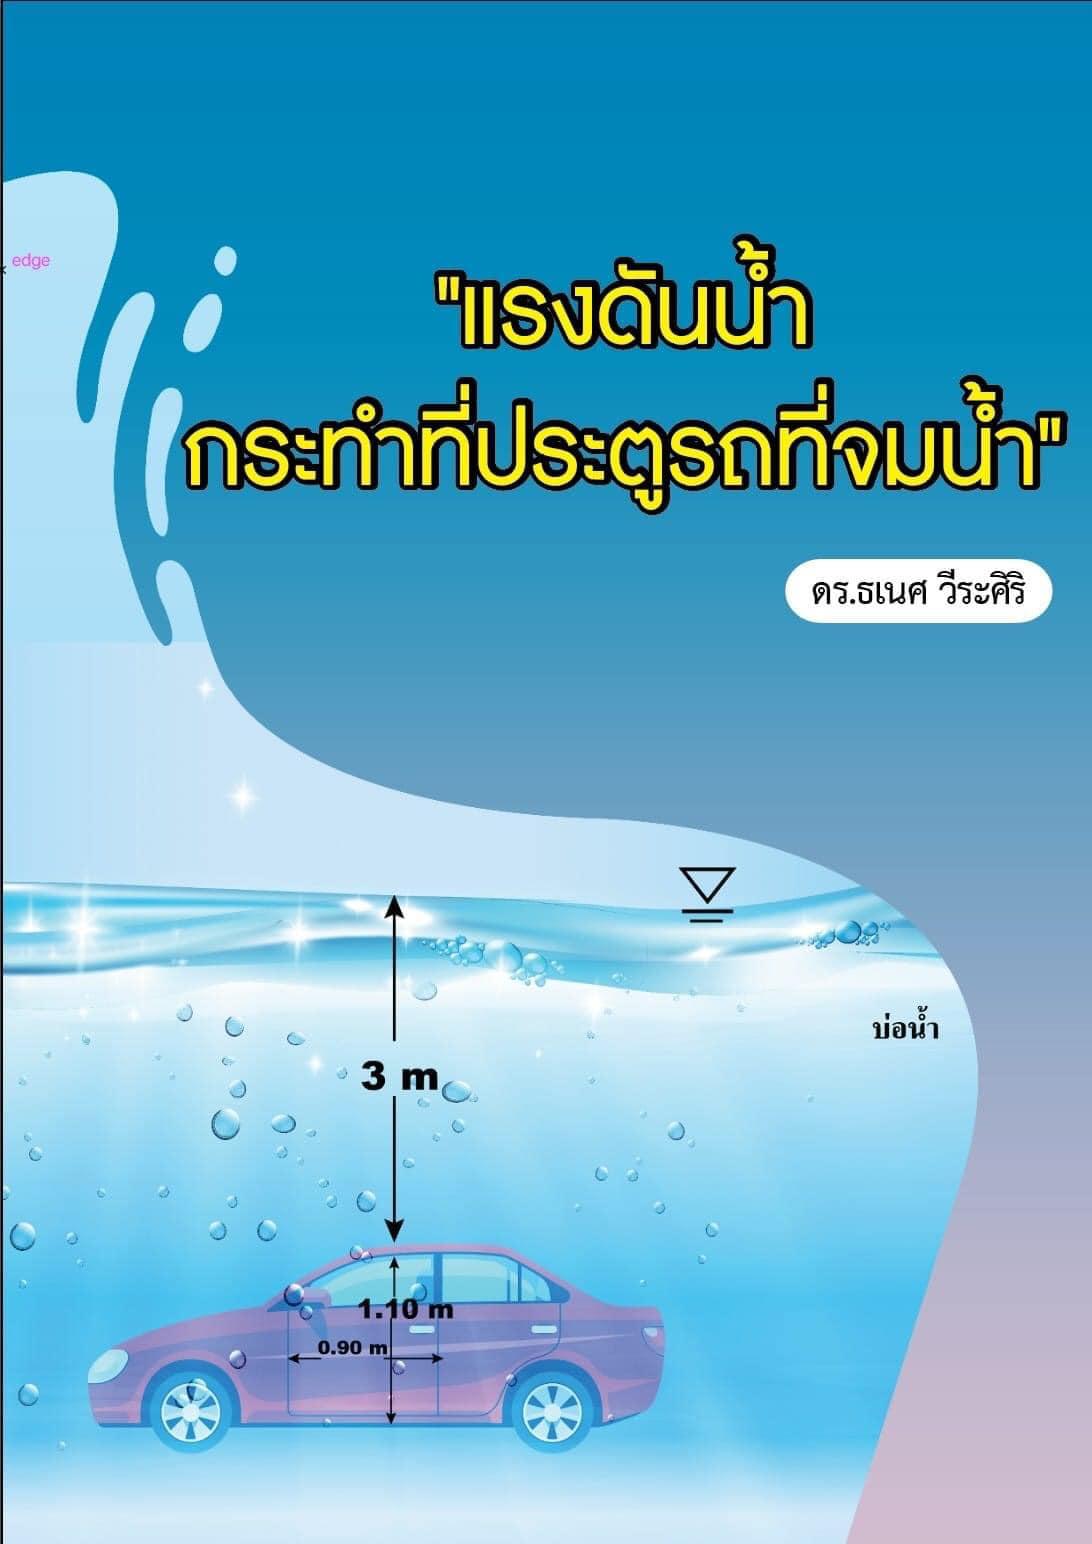 """""""แรงดันน้ำที่กระทำต่อประตูรถเมื่อรถจมน้ำ"""" โดย ดร.ธเนศ วีระศิริ"""